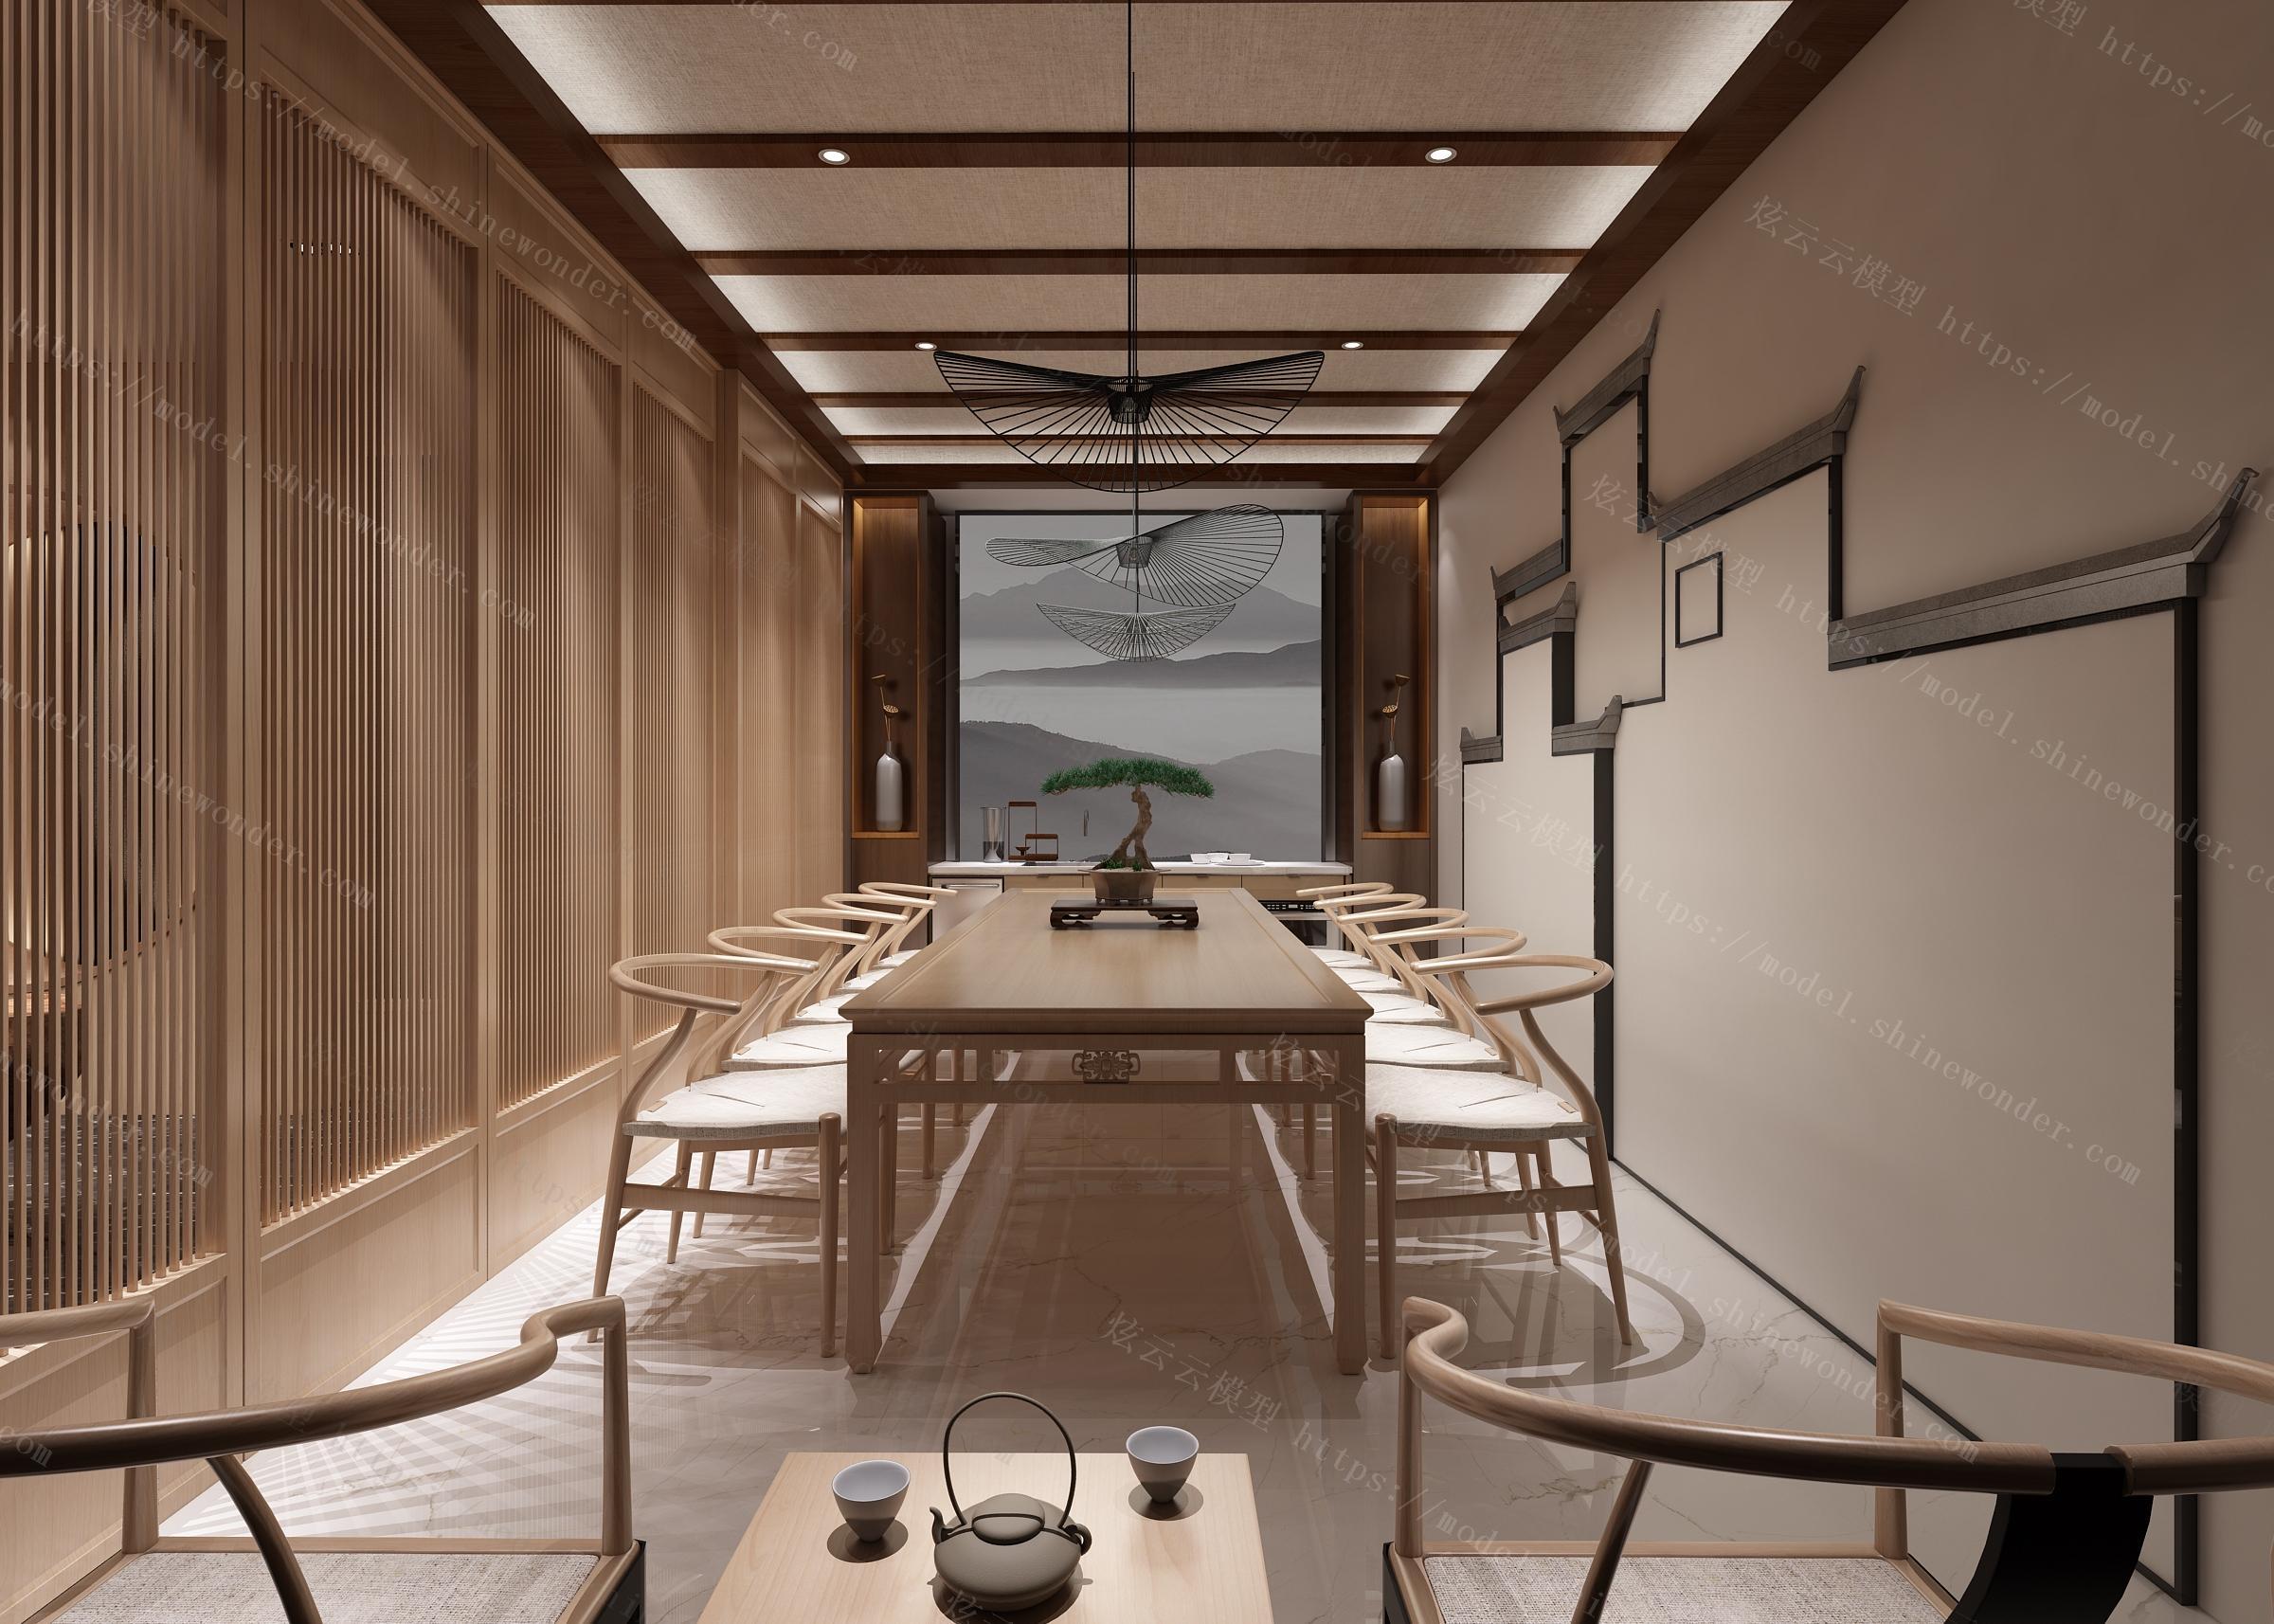 中式茶室模型